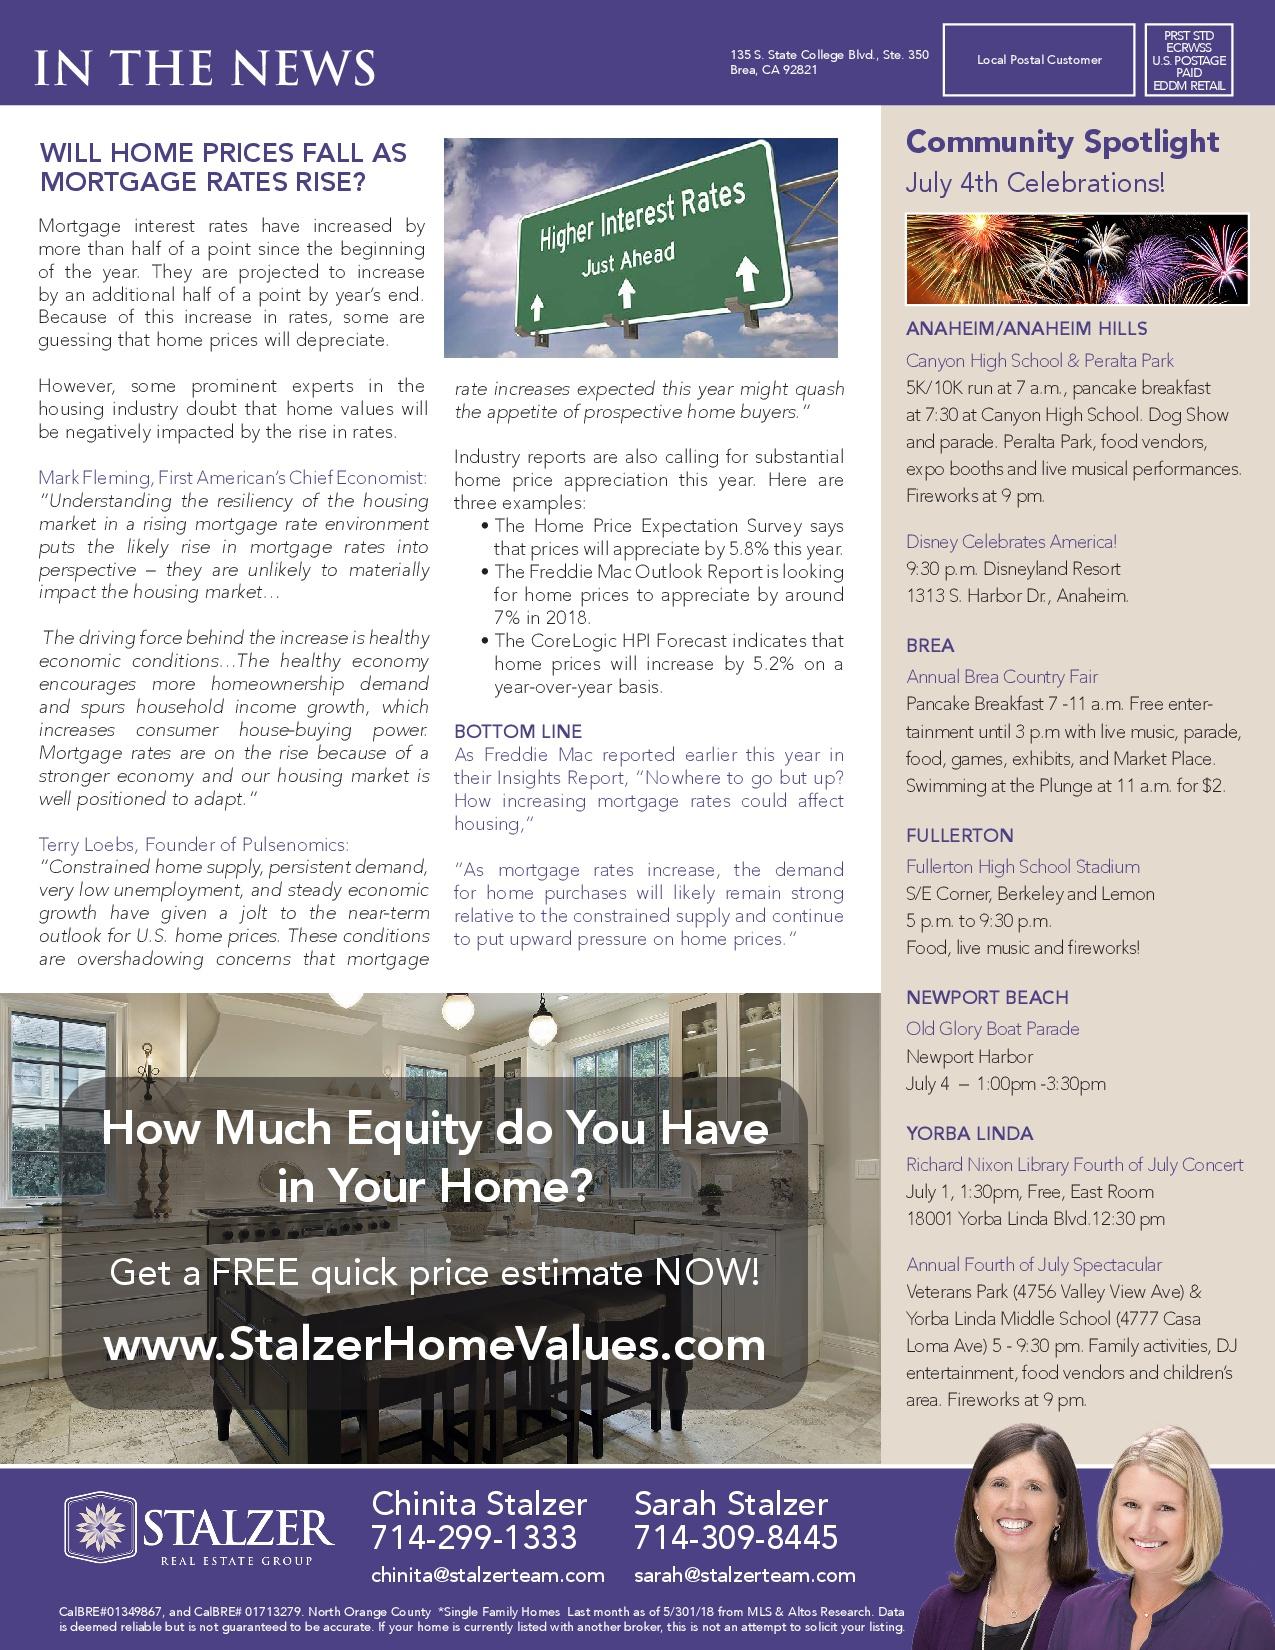 stalzer_newsletter_0618-2.jpg